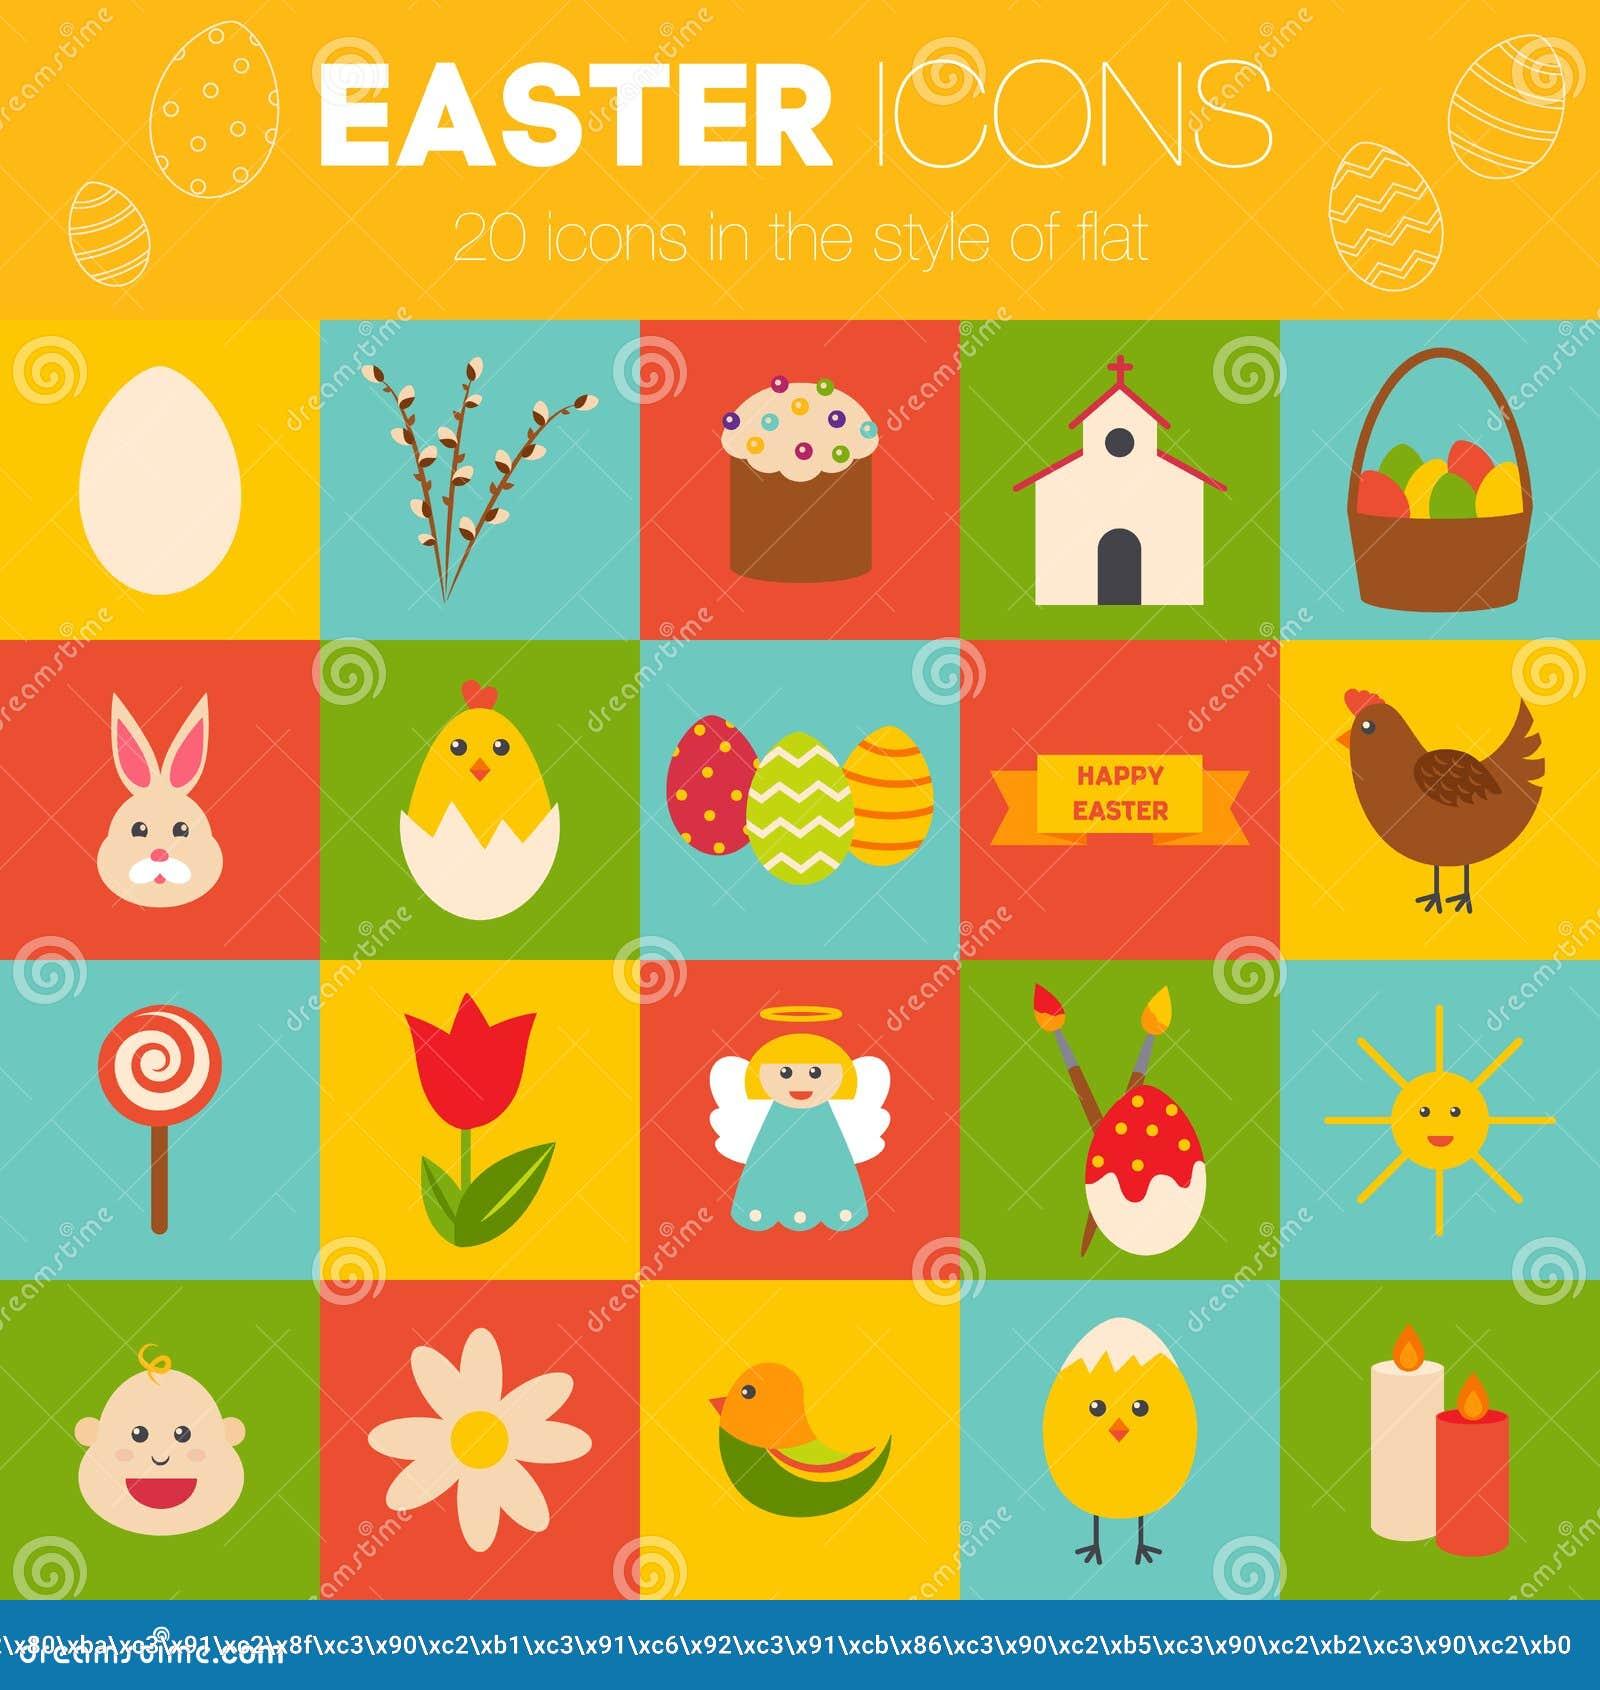 Celebration Easter Icons Flat Styled Objects Set Rabbit Birds